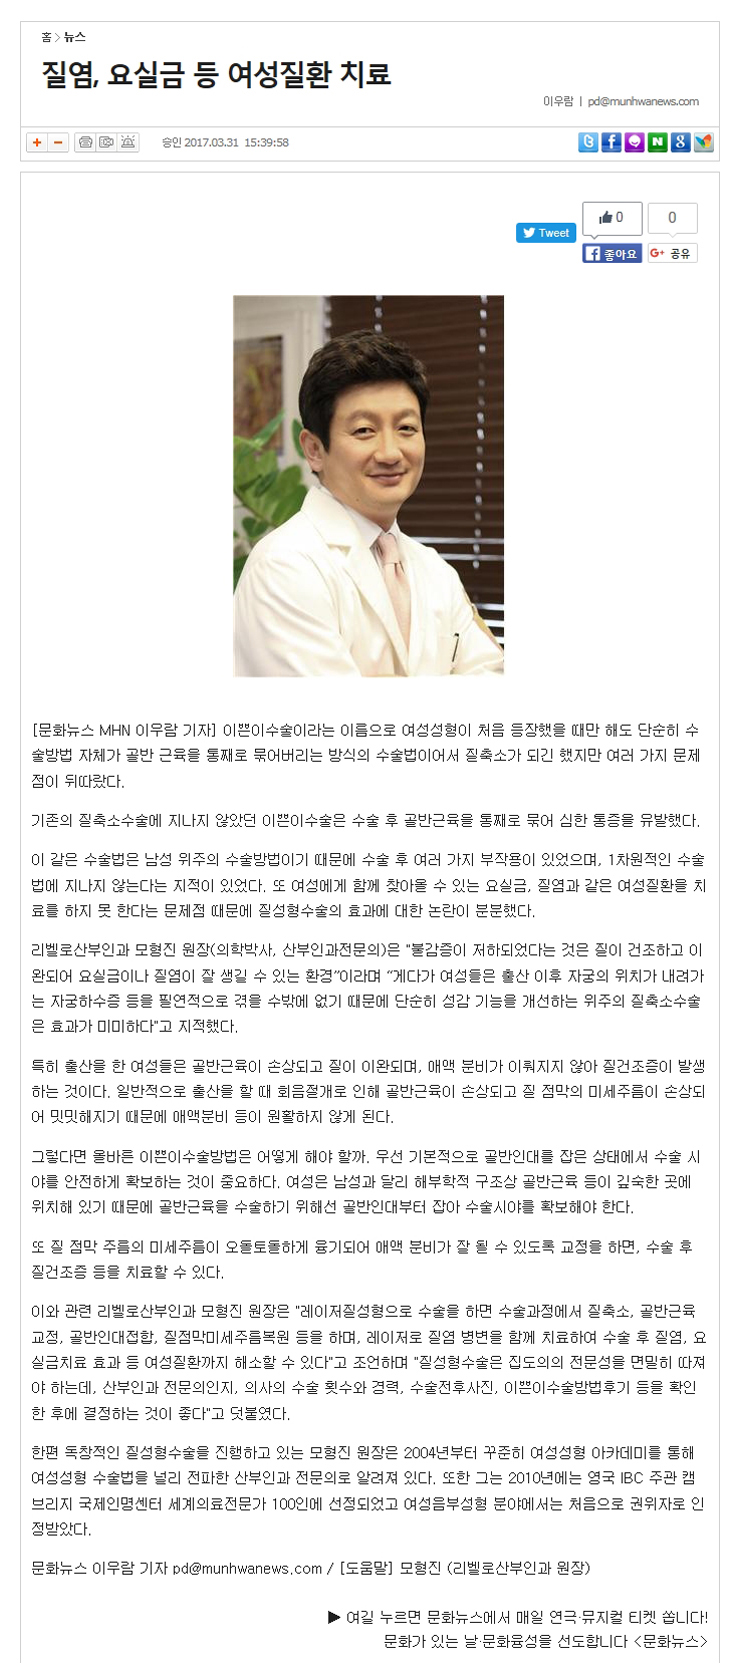 문화뉴스-170331.jpg